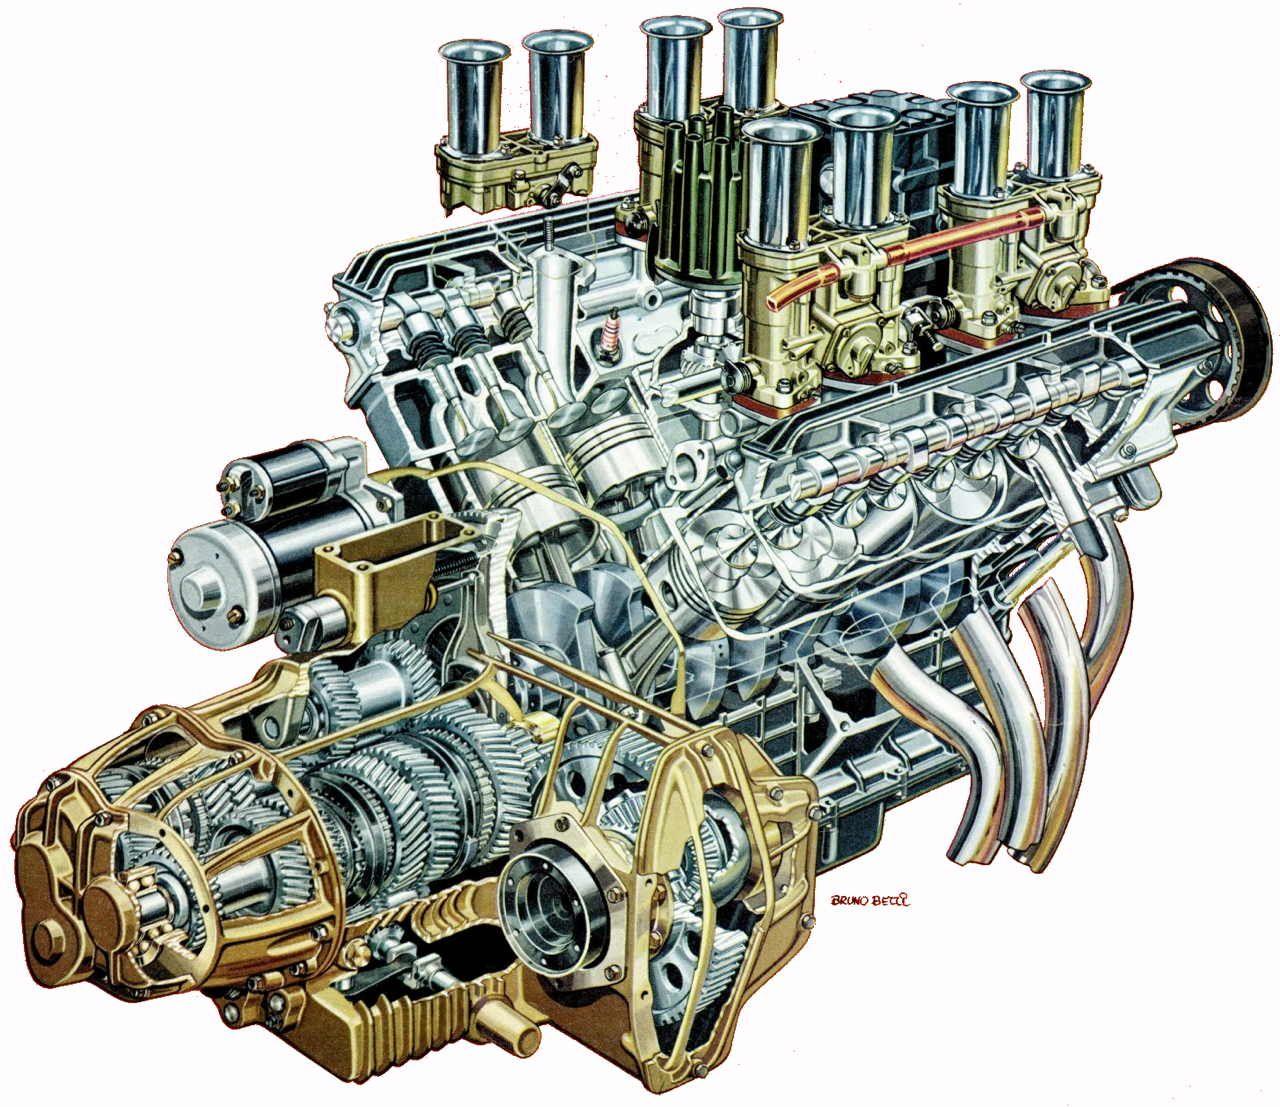 Astounding Jaguar Engine Diagram Cutaway Wiring Library Wiring Cloud Lukepaidewilluminateatxorg